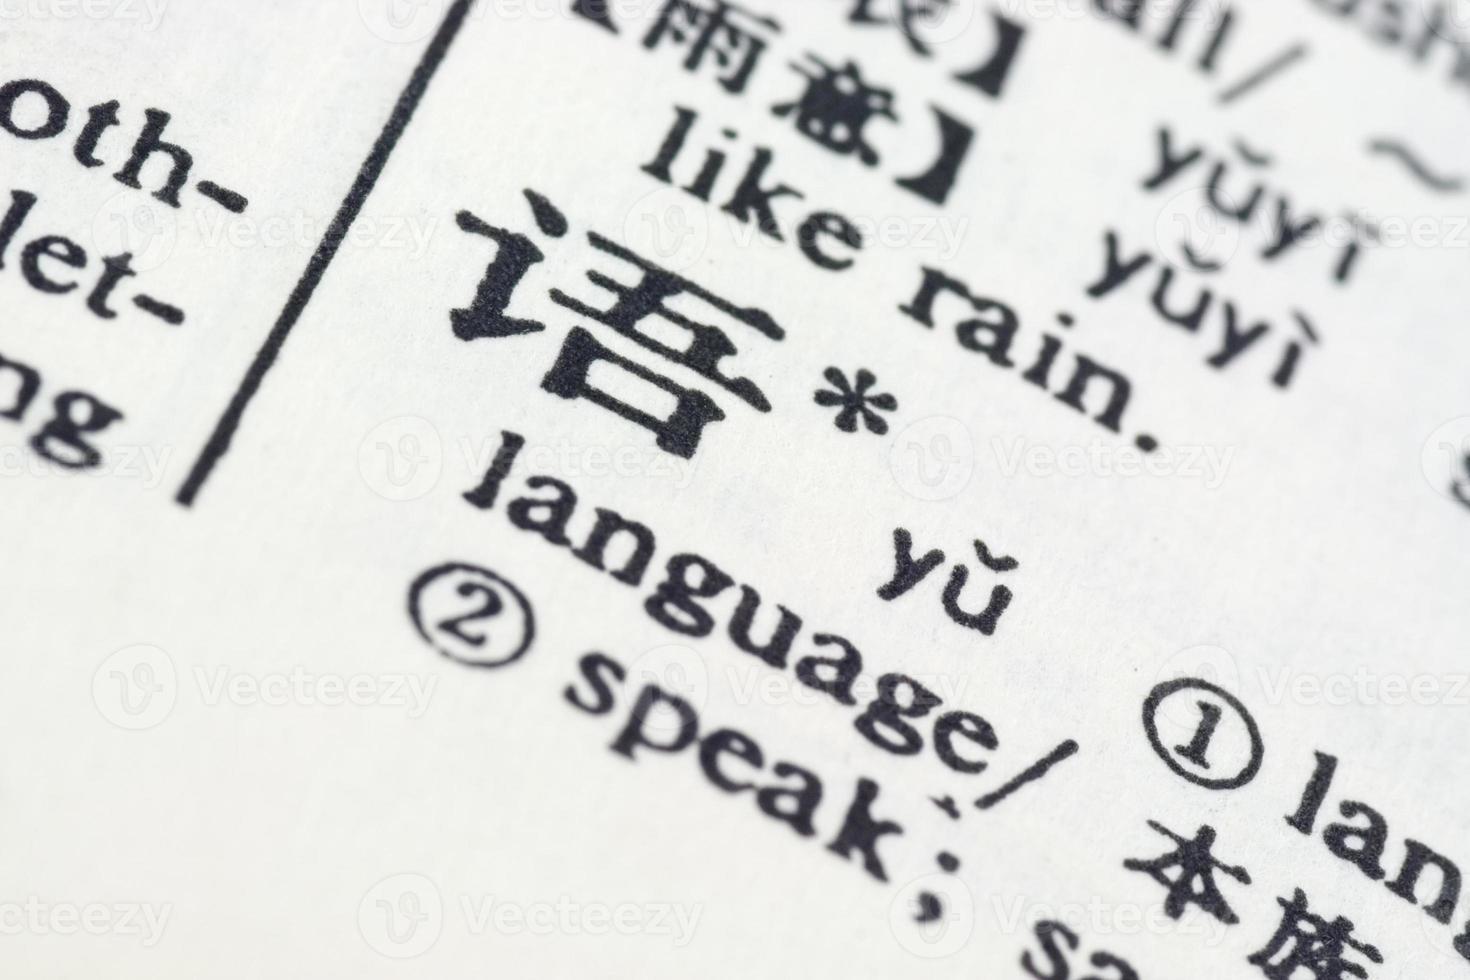 lingua scritta in cinese foto